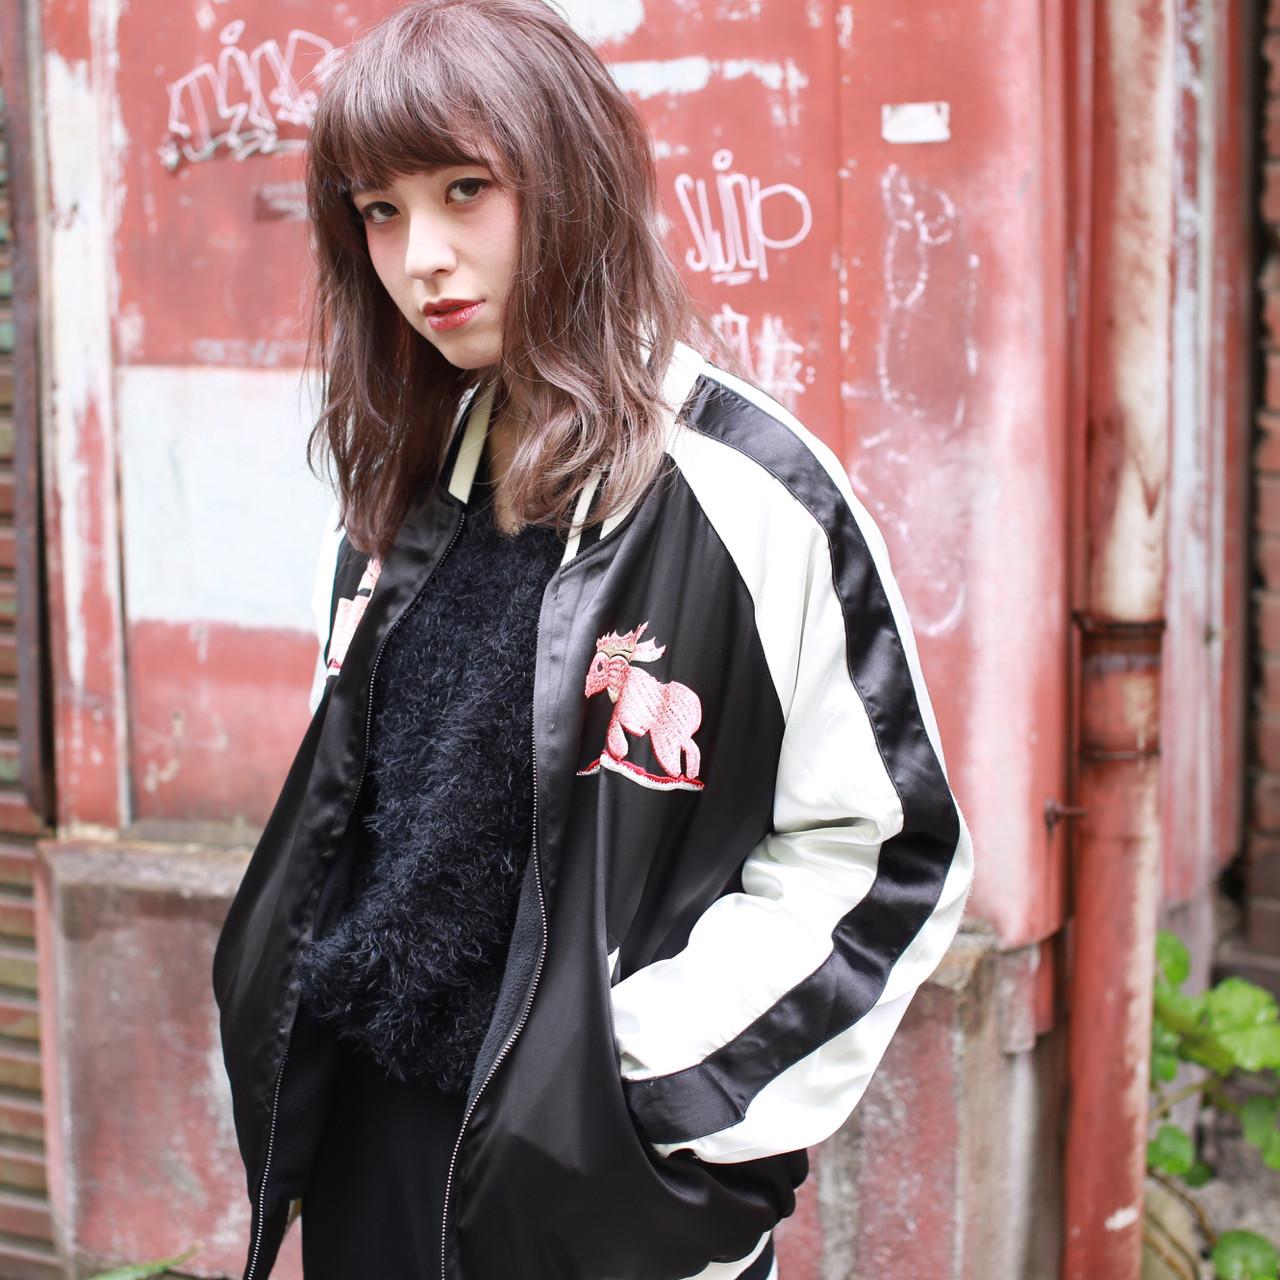 ハイライト セミロング ダブルカラー ナチュラル ヘアスタイルや髪型の写真・画像 | イマムラ スナオ / LUKE